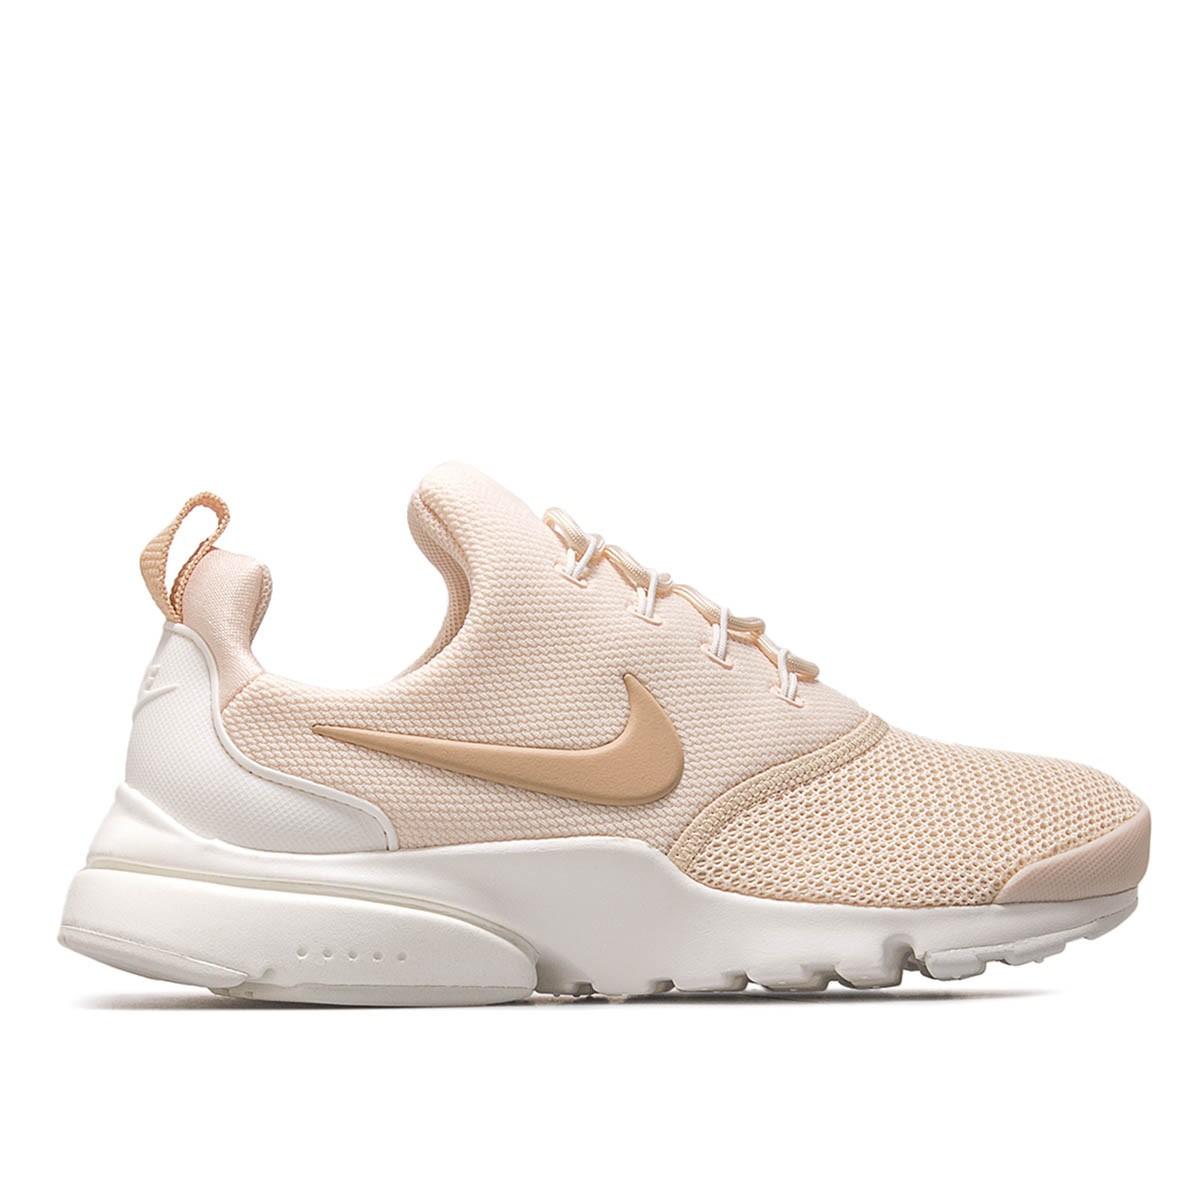 big sale 23af2 84f75 Sneaker von Nike online kaufen  BodycheckSneaker  Frauen  Schuhe   Bodycheck